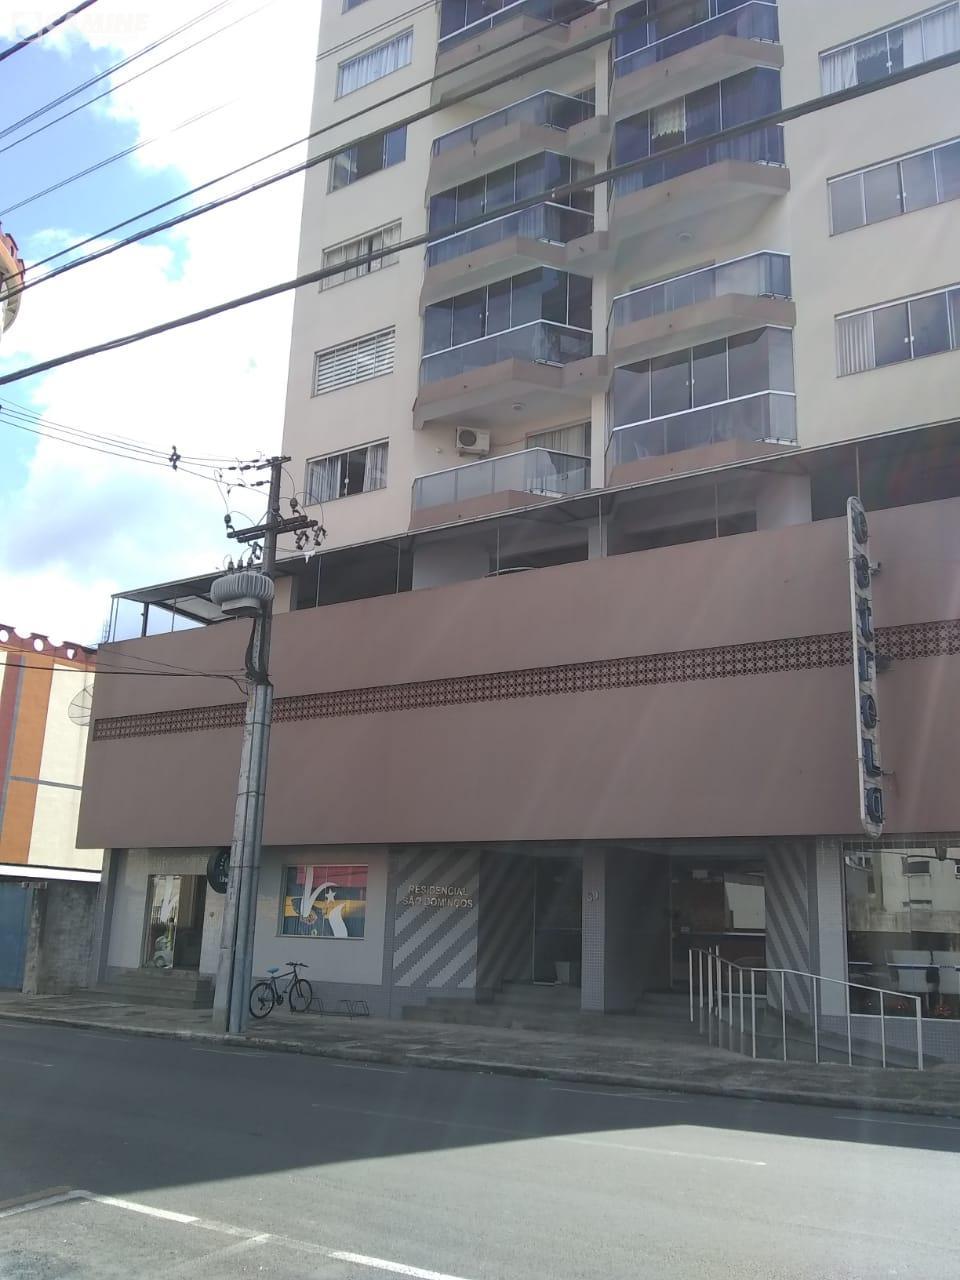 APARTAMENTO NO CENTRO DE UNIÃO DA VITORIA - UNIAO DA VITORIA/PR